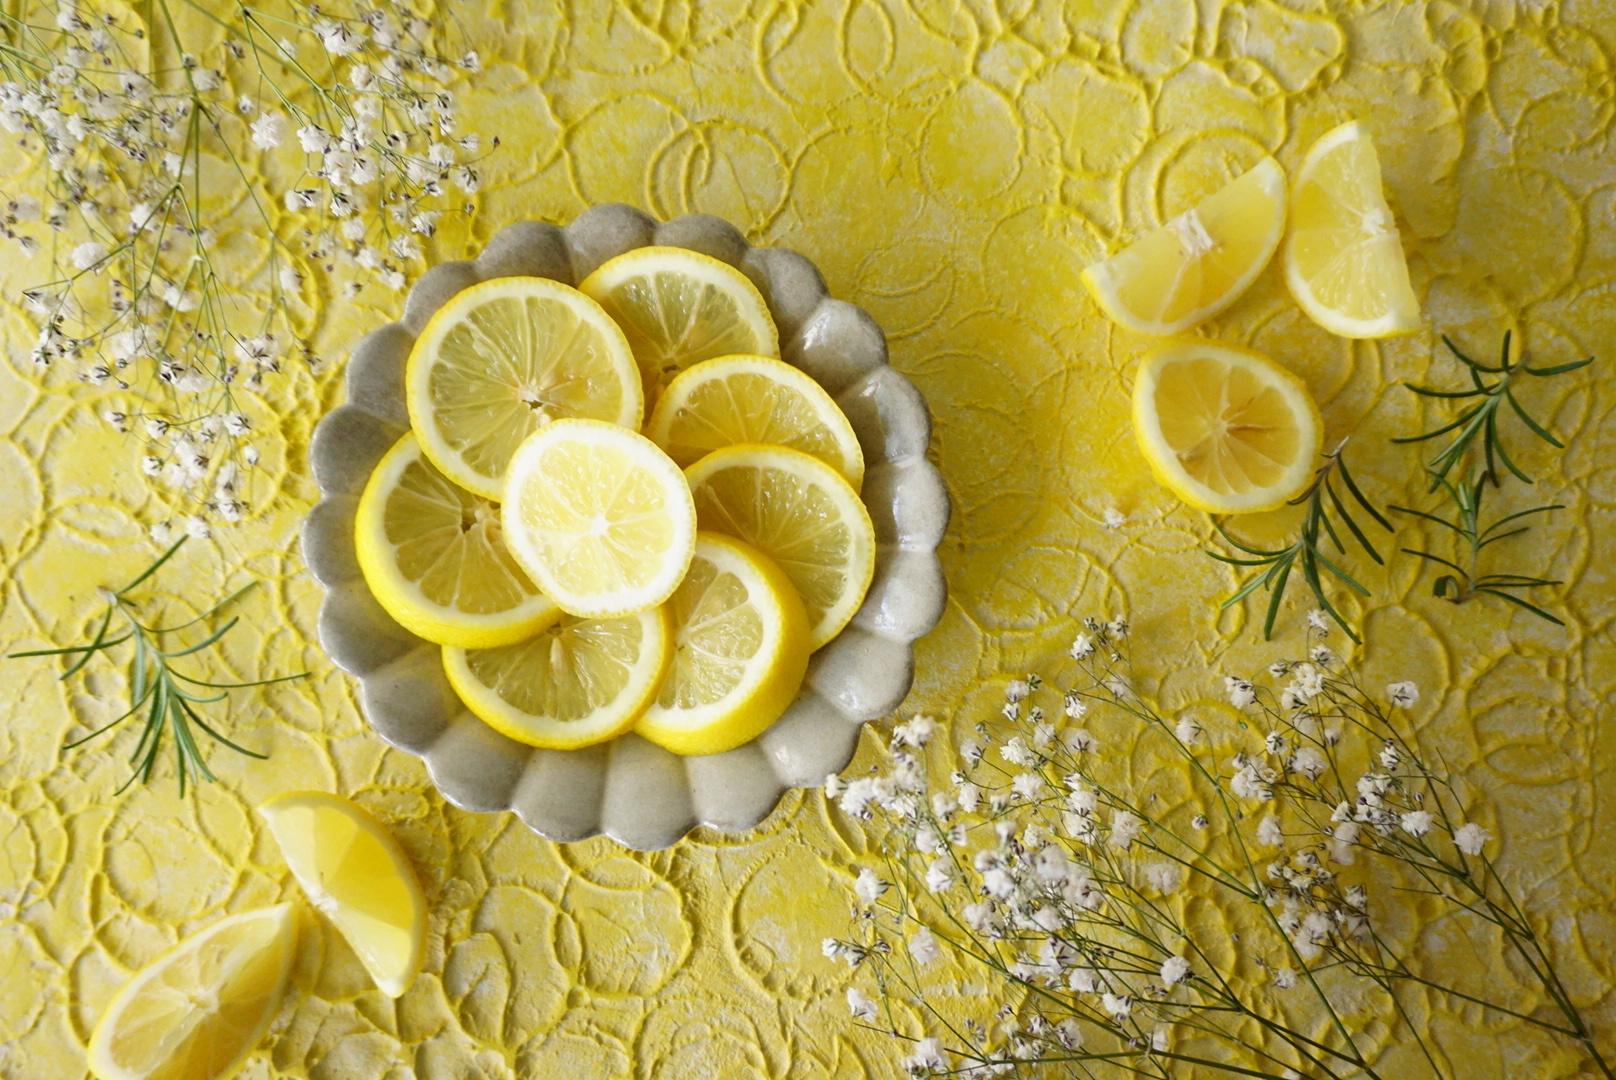 フレッシュレモネード45㎝ 北欧テキスタイル 漆喰系 黄色 写真撮影用 背景 スタイリングボード 大阪